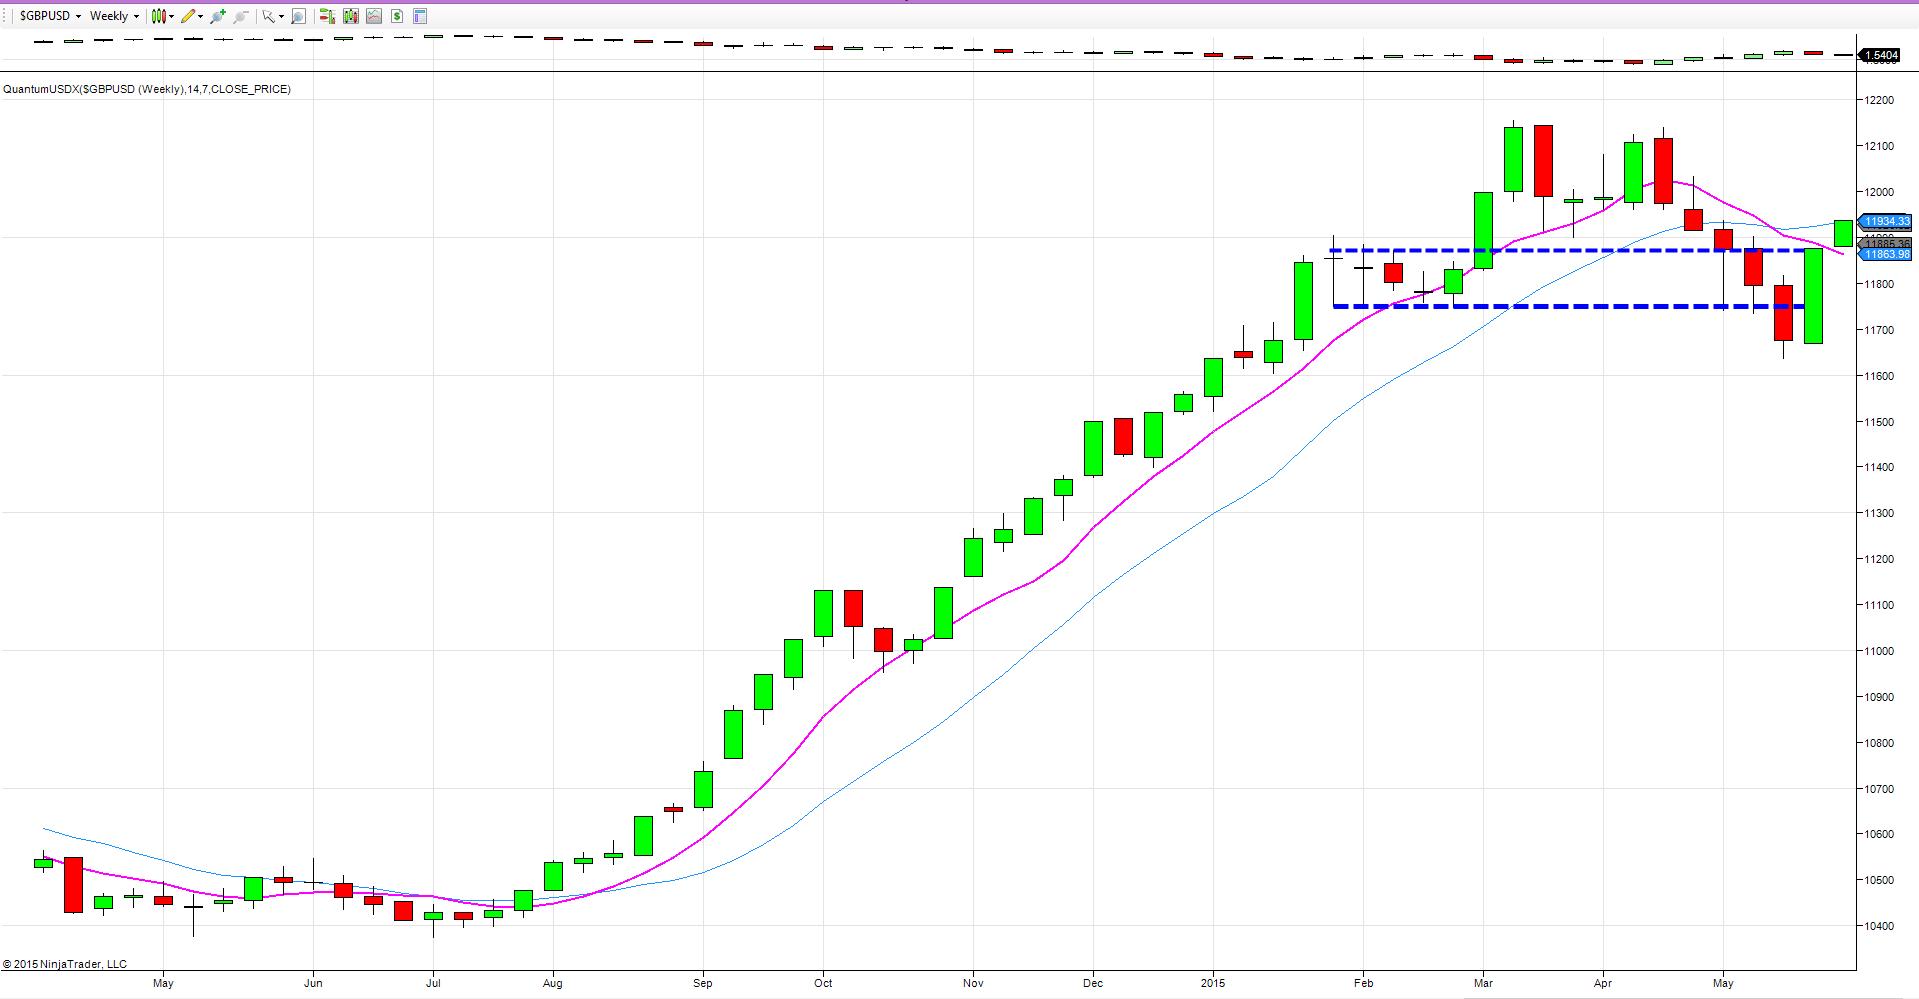 USDX - weekly chart